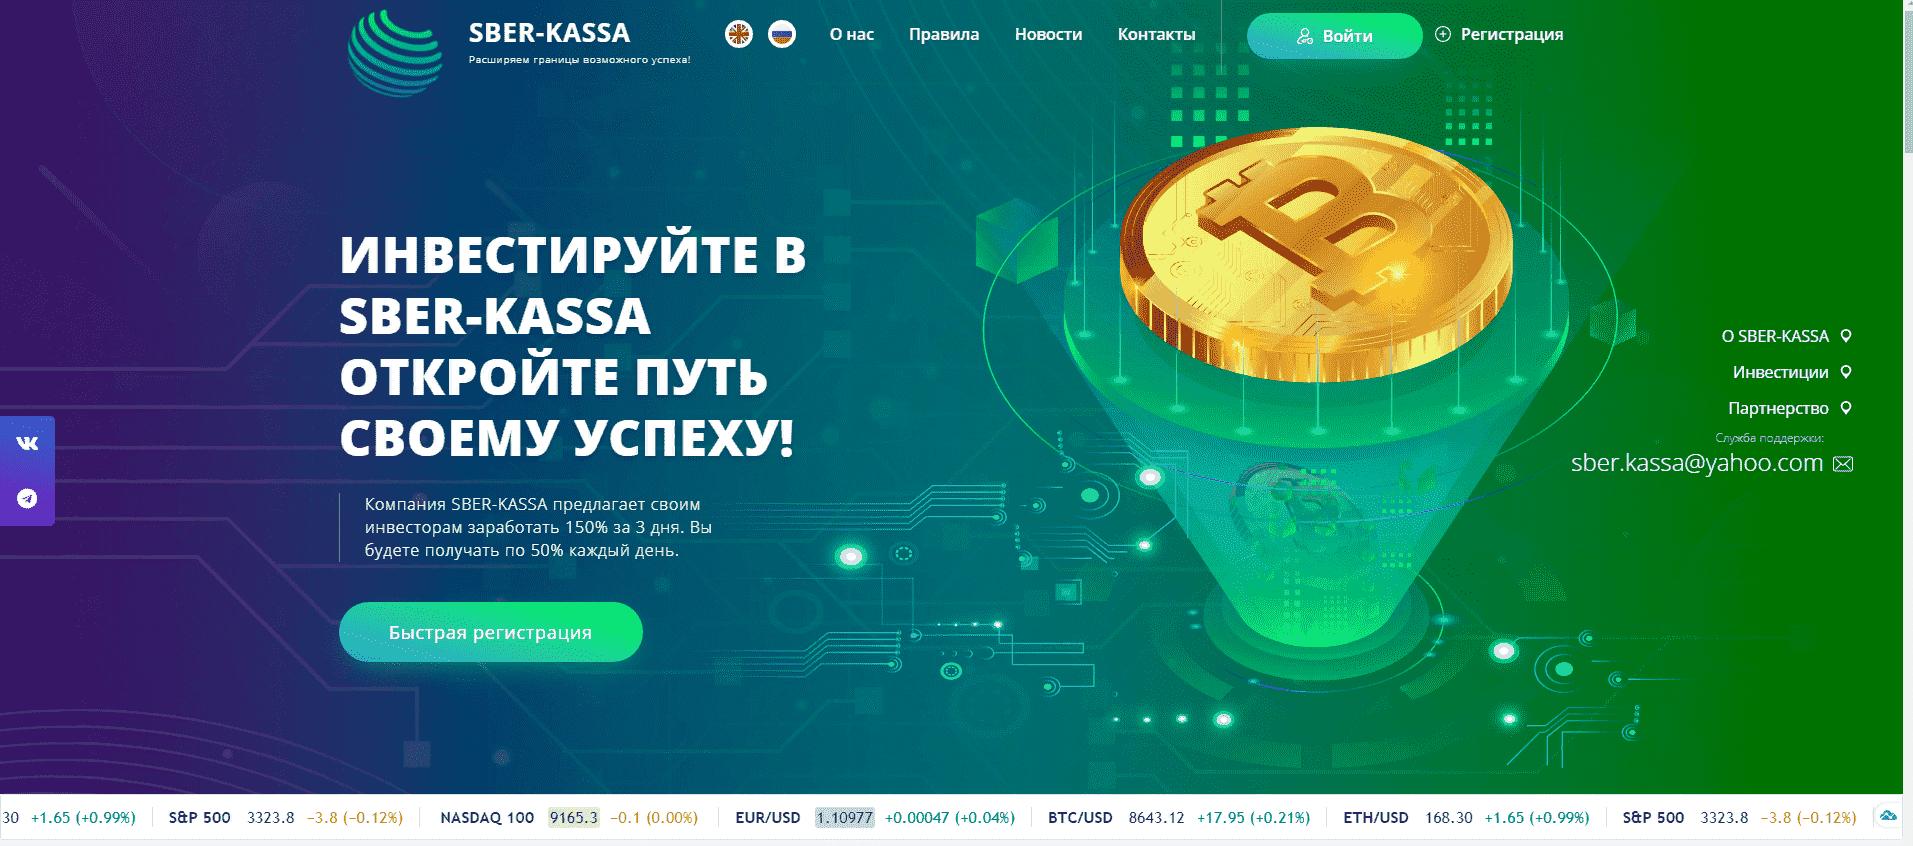 SBER-KASSA